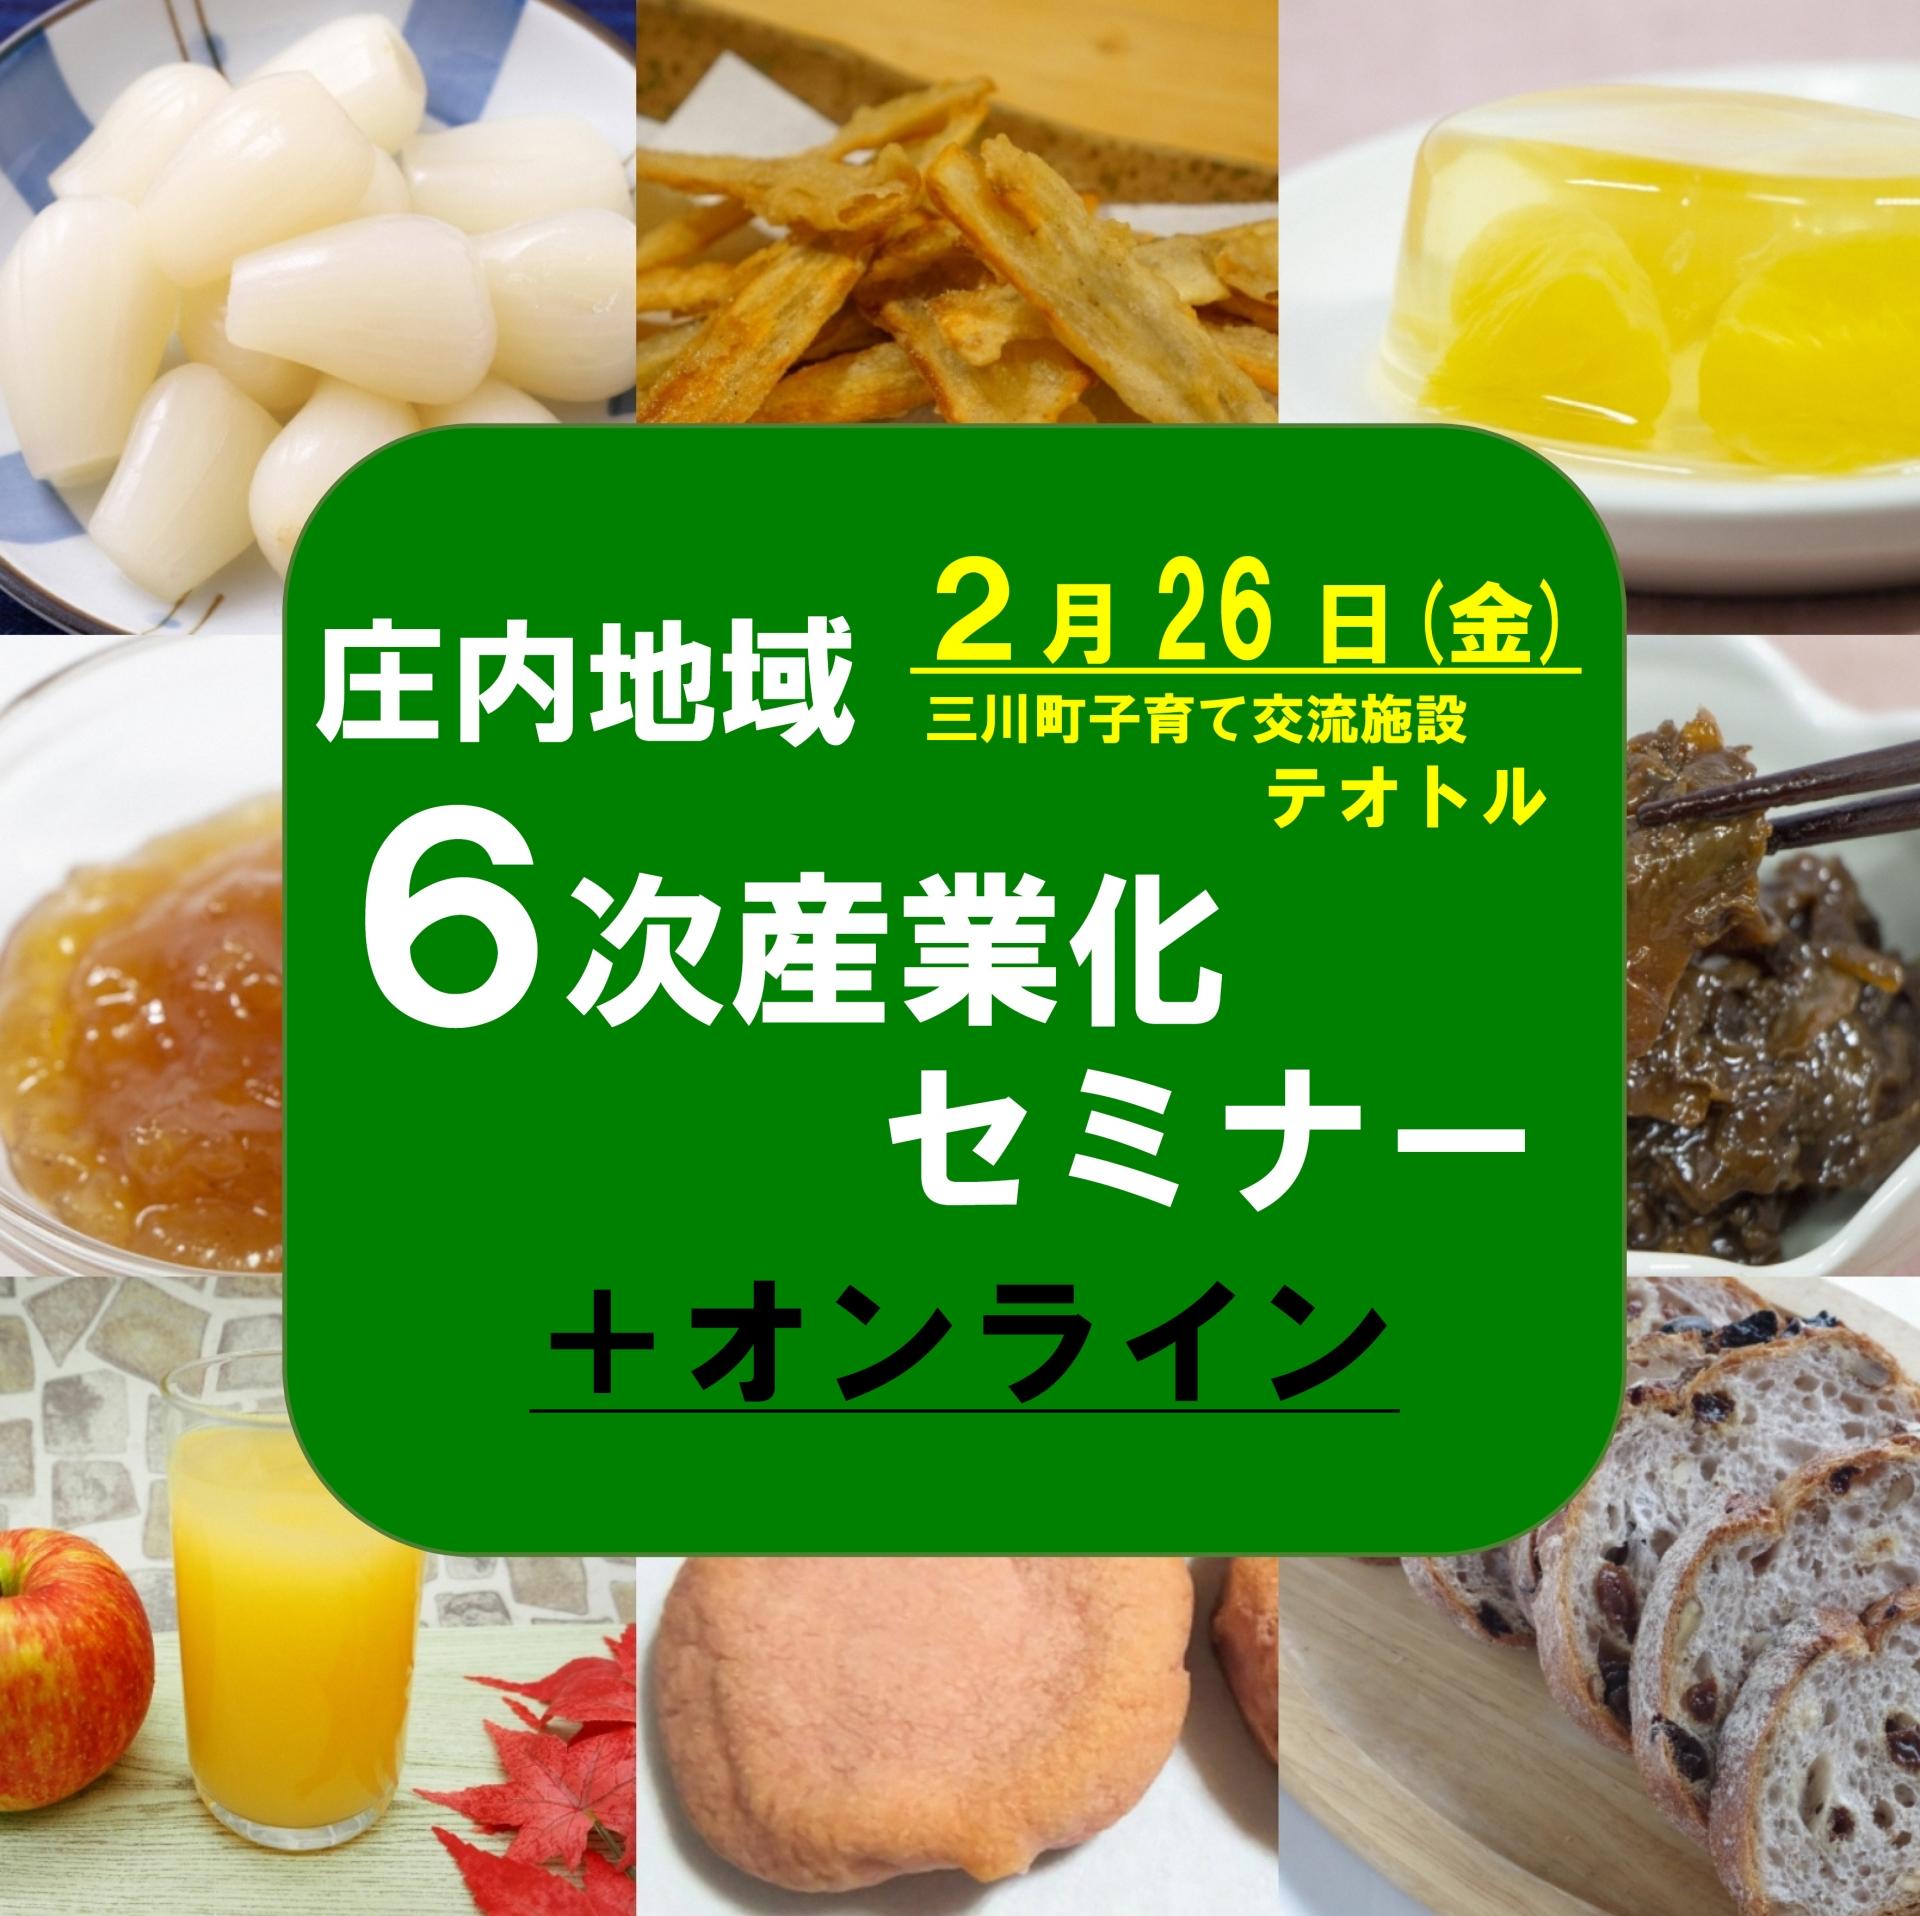 庄内地域6次産業化セミナー+オンラインの開催について(2月26日(金))